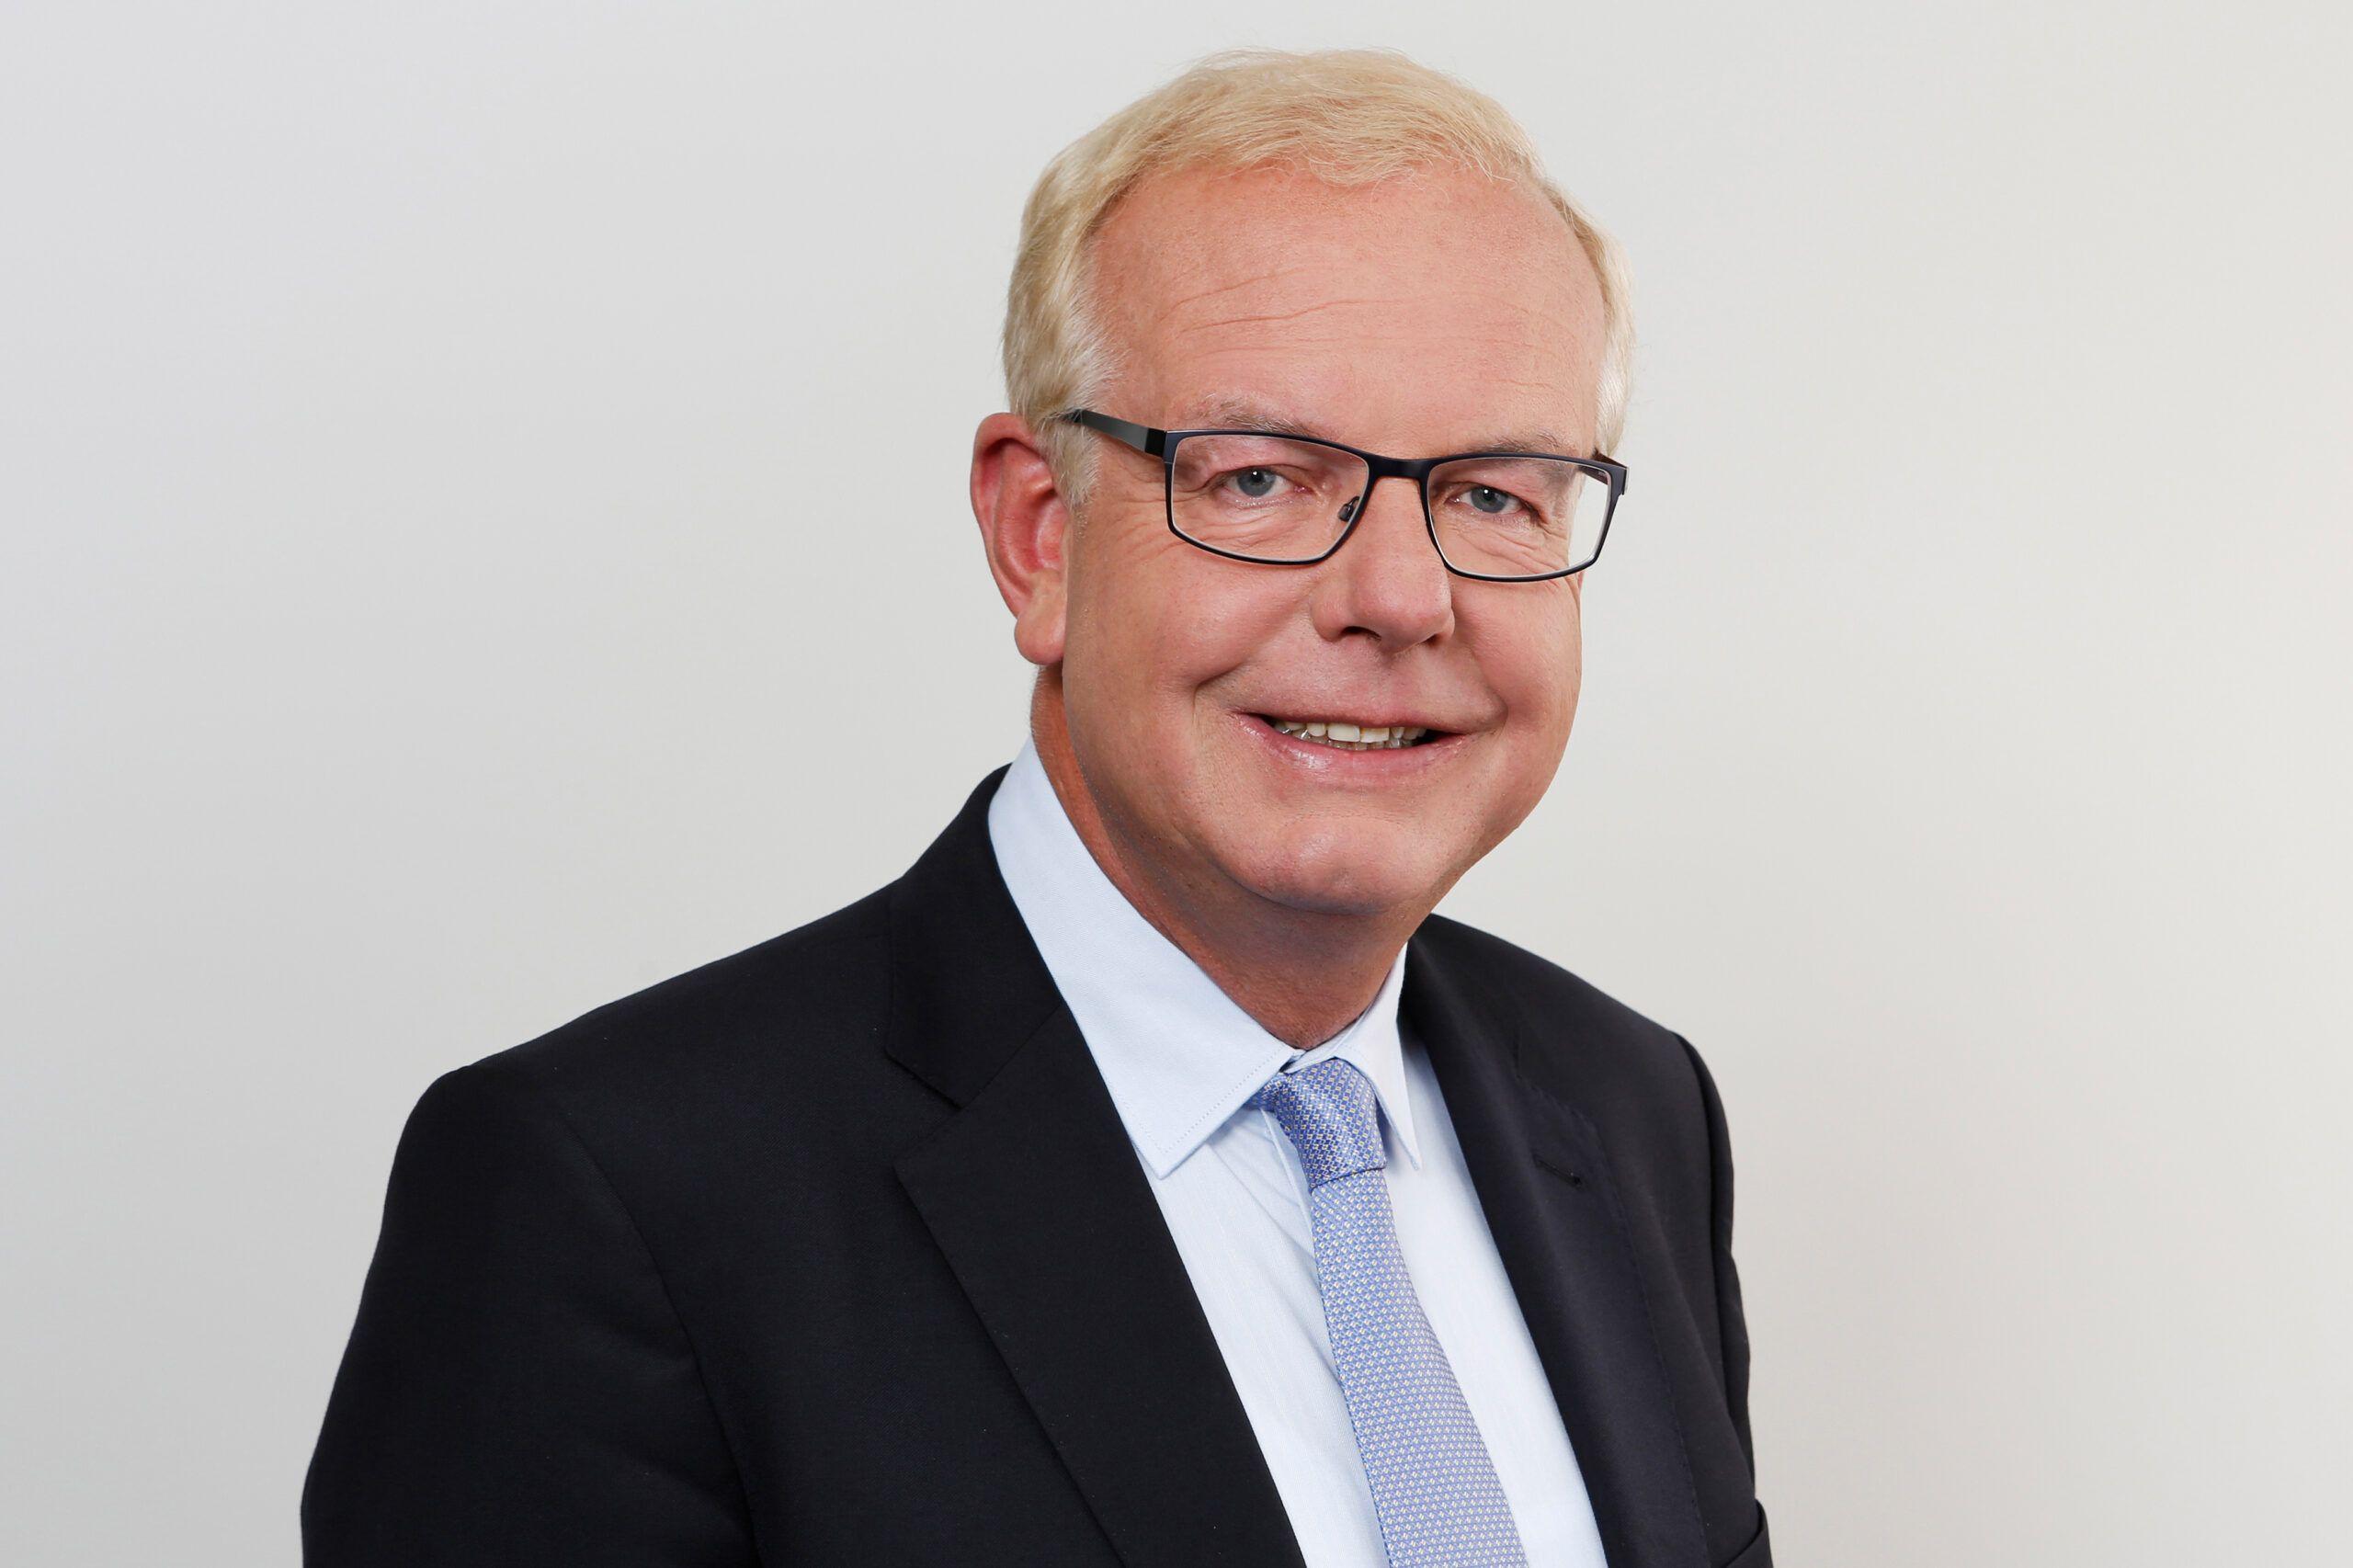 Thomas Kreuzer Vorsitzender Der Csu Fraktion Im Bayerischen Landtag Scaled